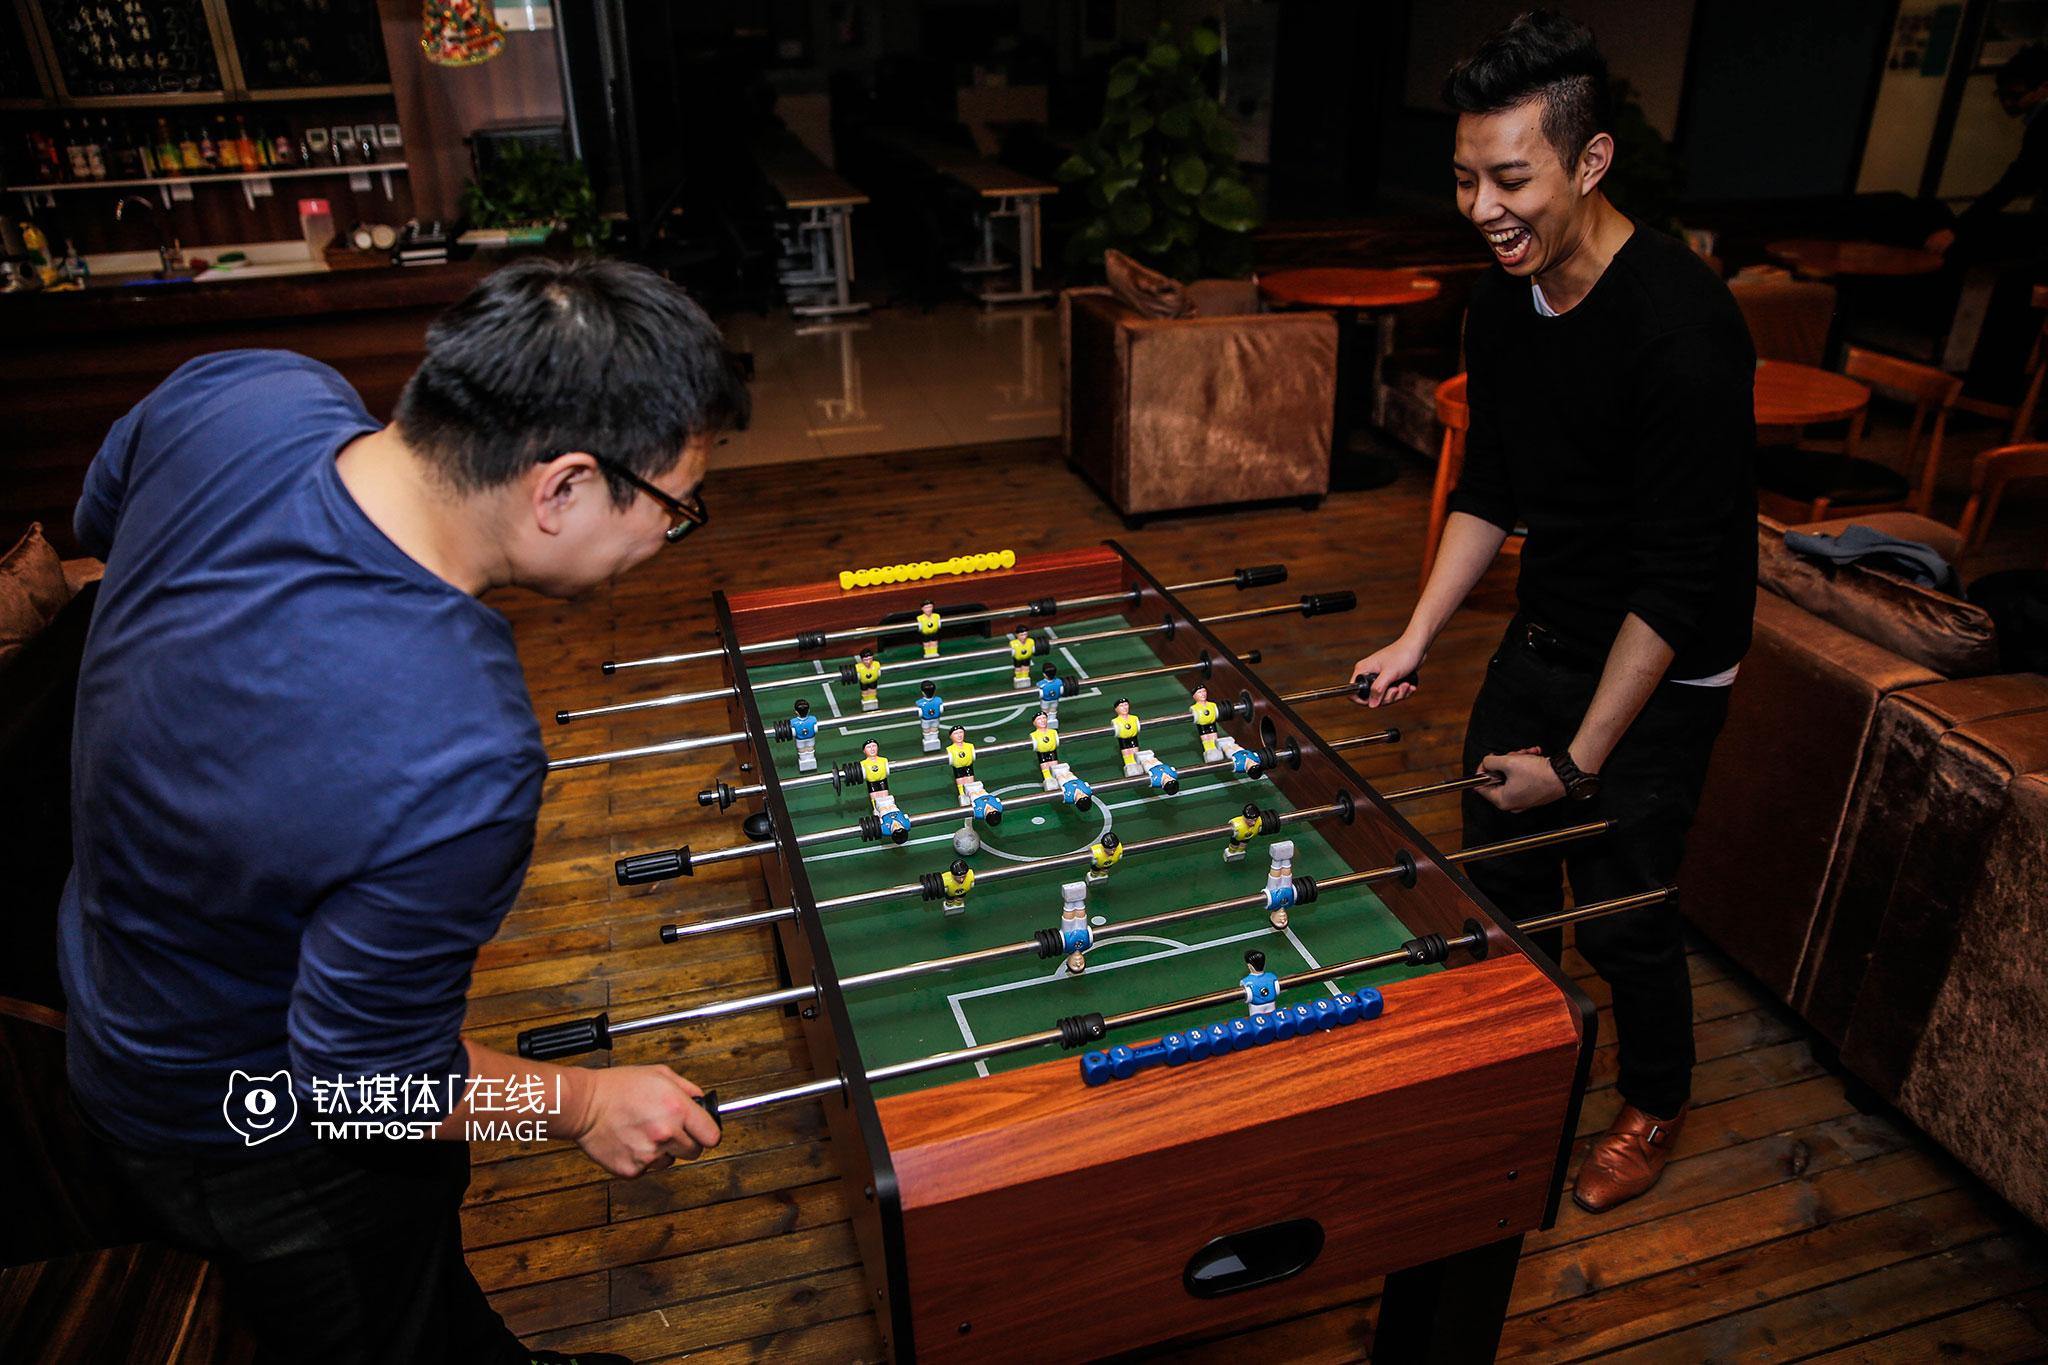 3月4日21:00,石景山创业公社,简少年(右)与合伙人MIke在休息区玩桌面足球。